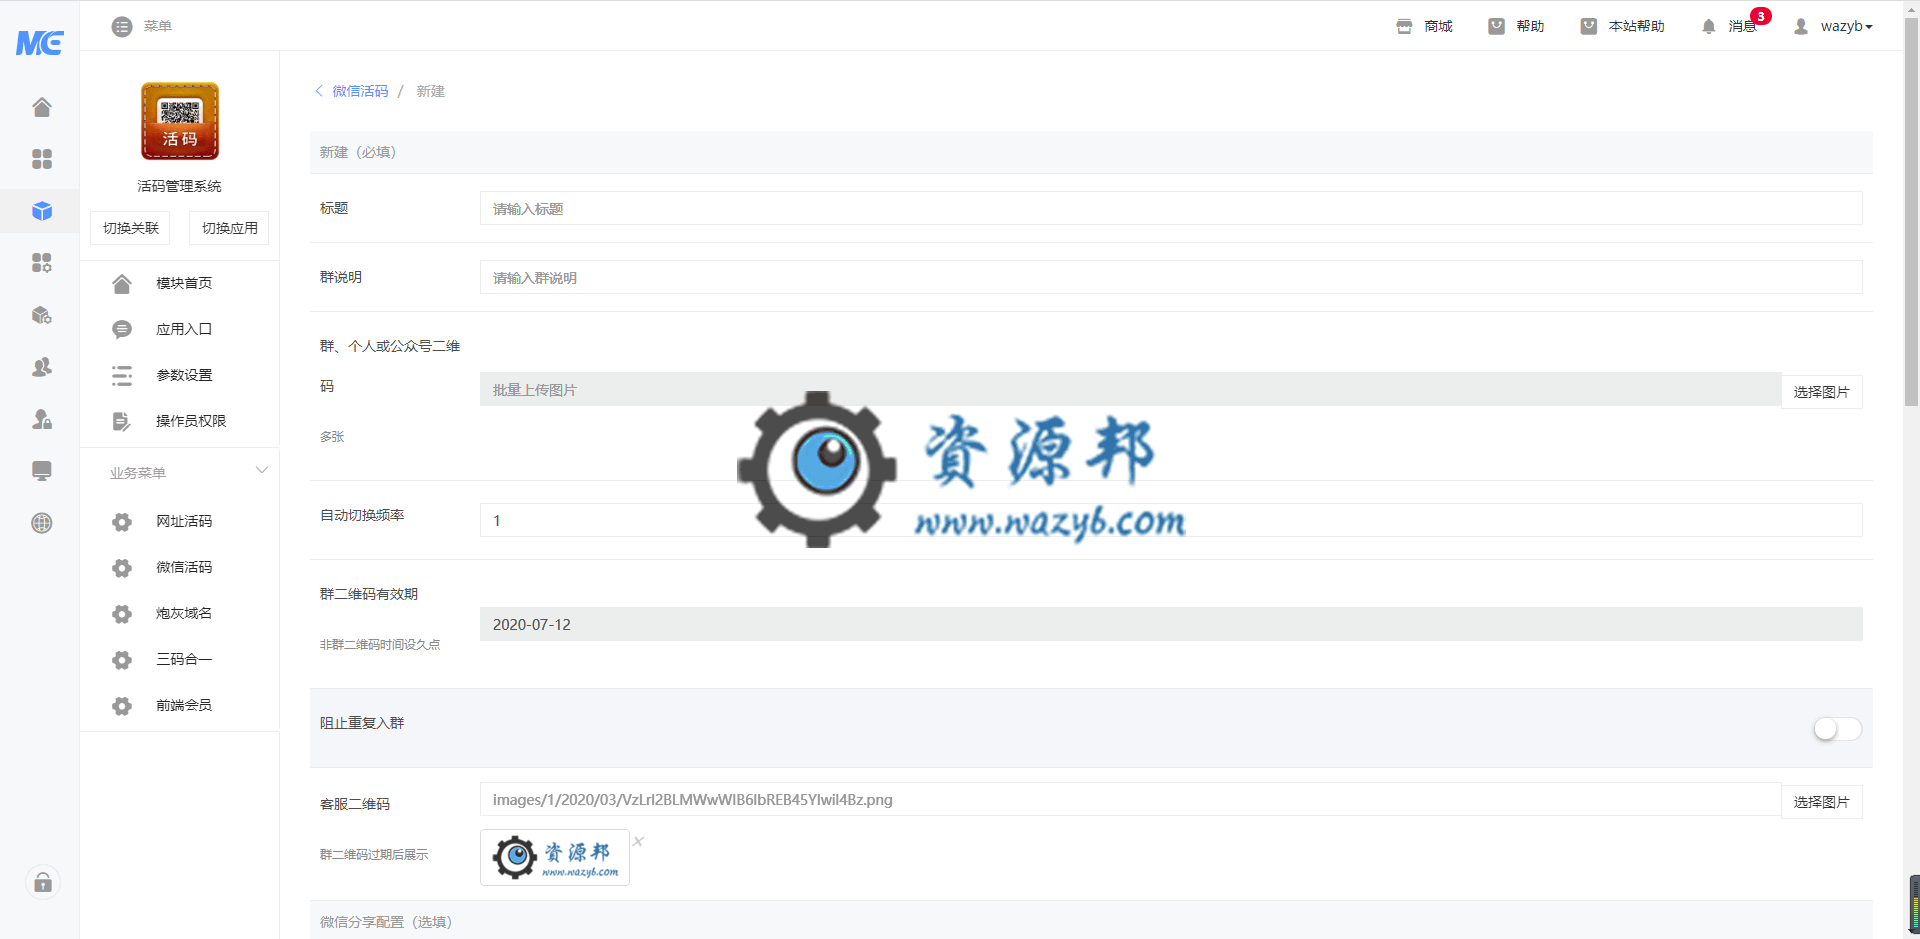 【公众号应用】活码管理系统V1.0.5安装包,微信活码新增防止重复入群功能 公众号应用 第3张